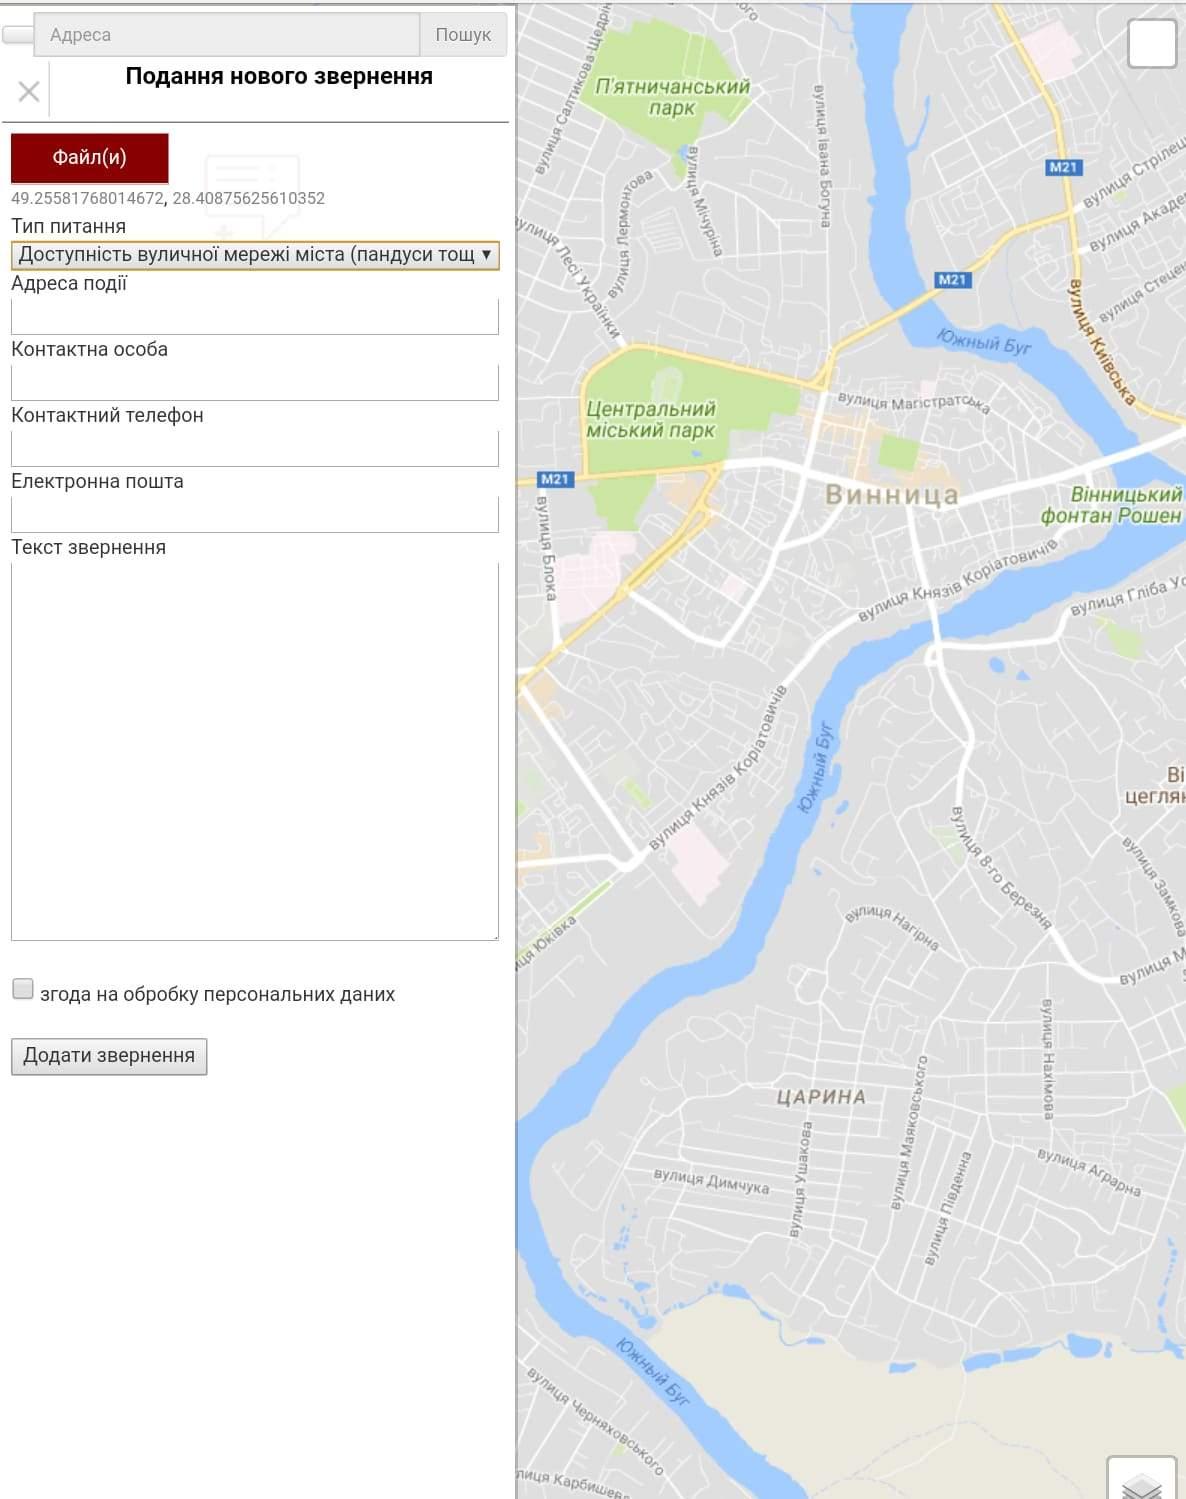 В Виннице запустили интерактив, который позволит определить в городе проблемные локации